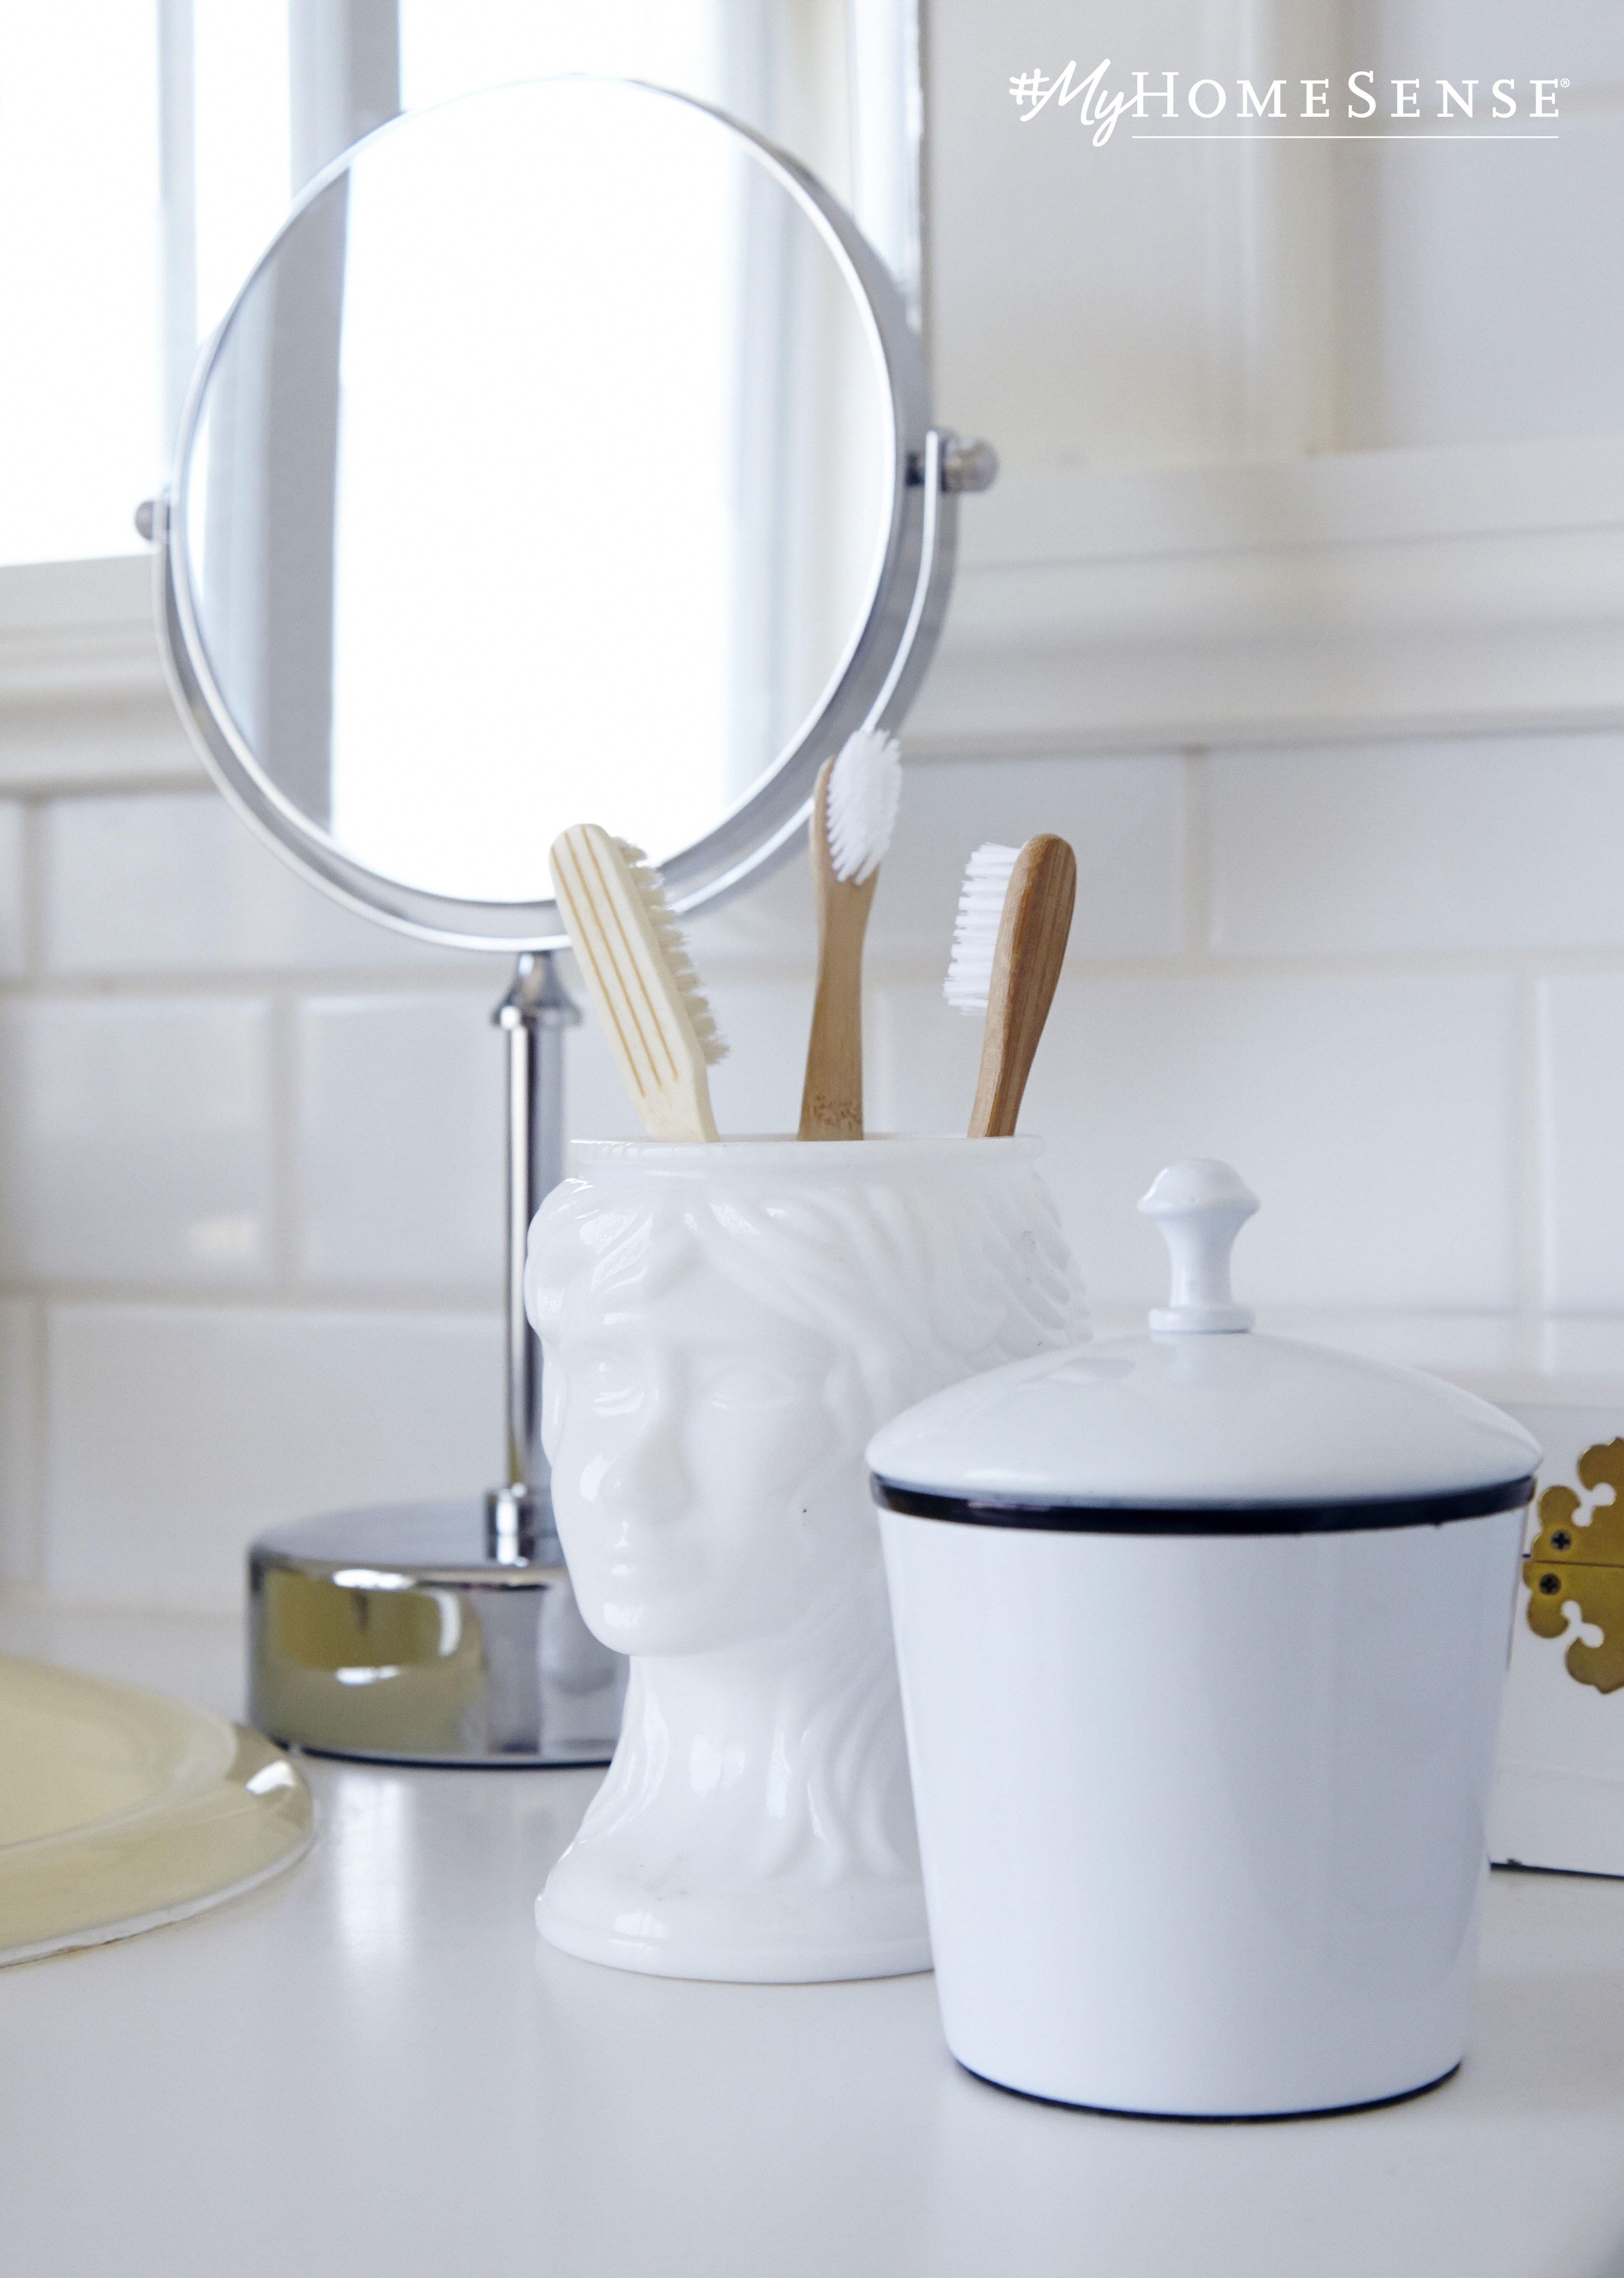 Bed, Bath, Kitchen, Storage, Home & Outdoor Décor | Homesense ...